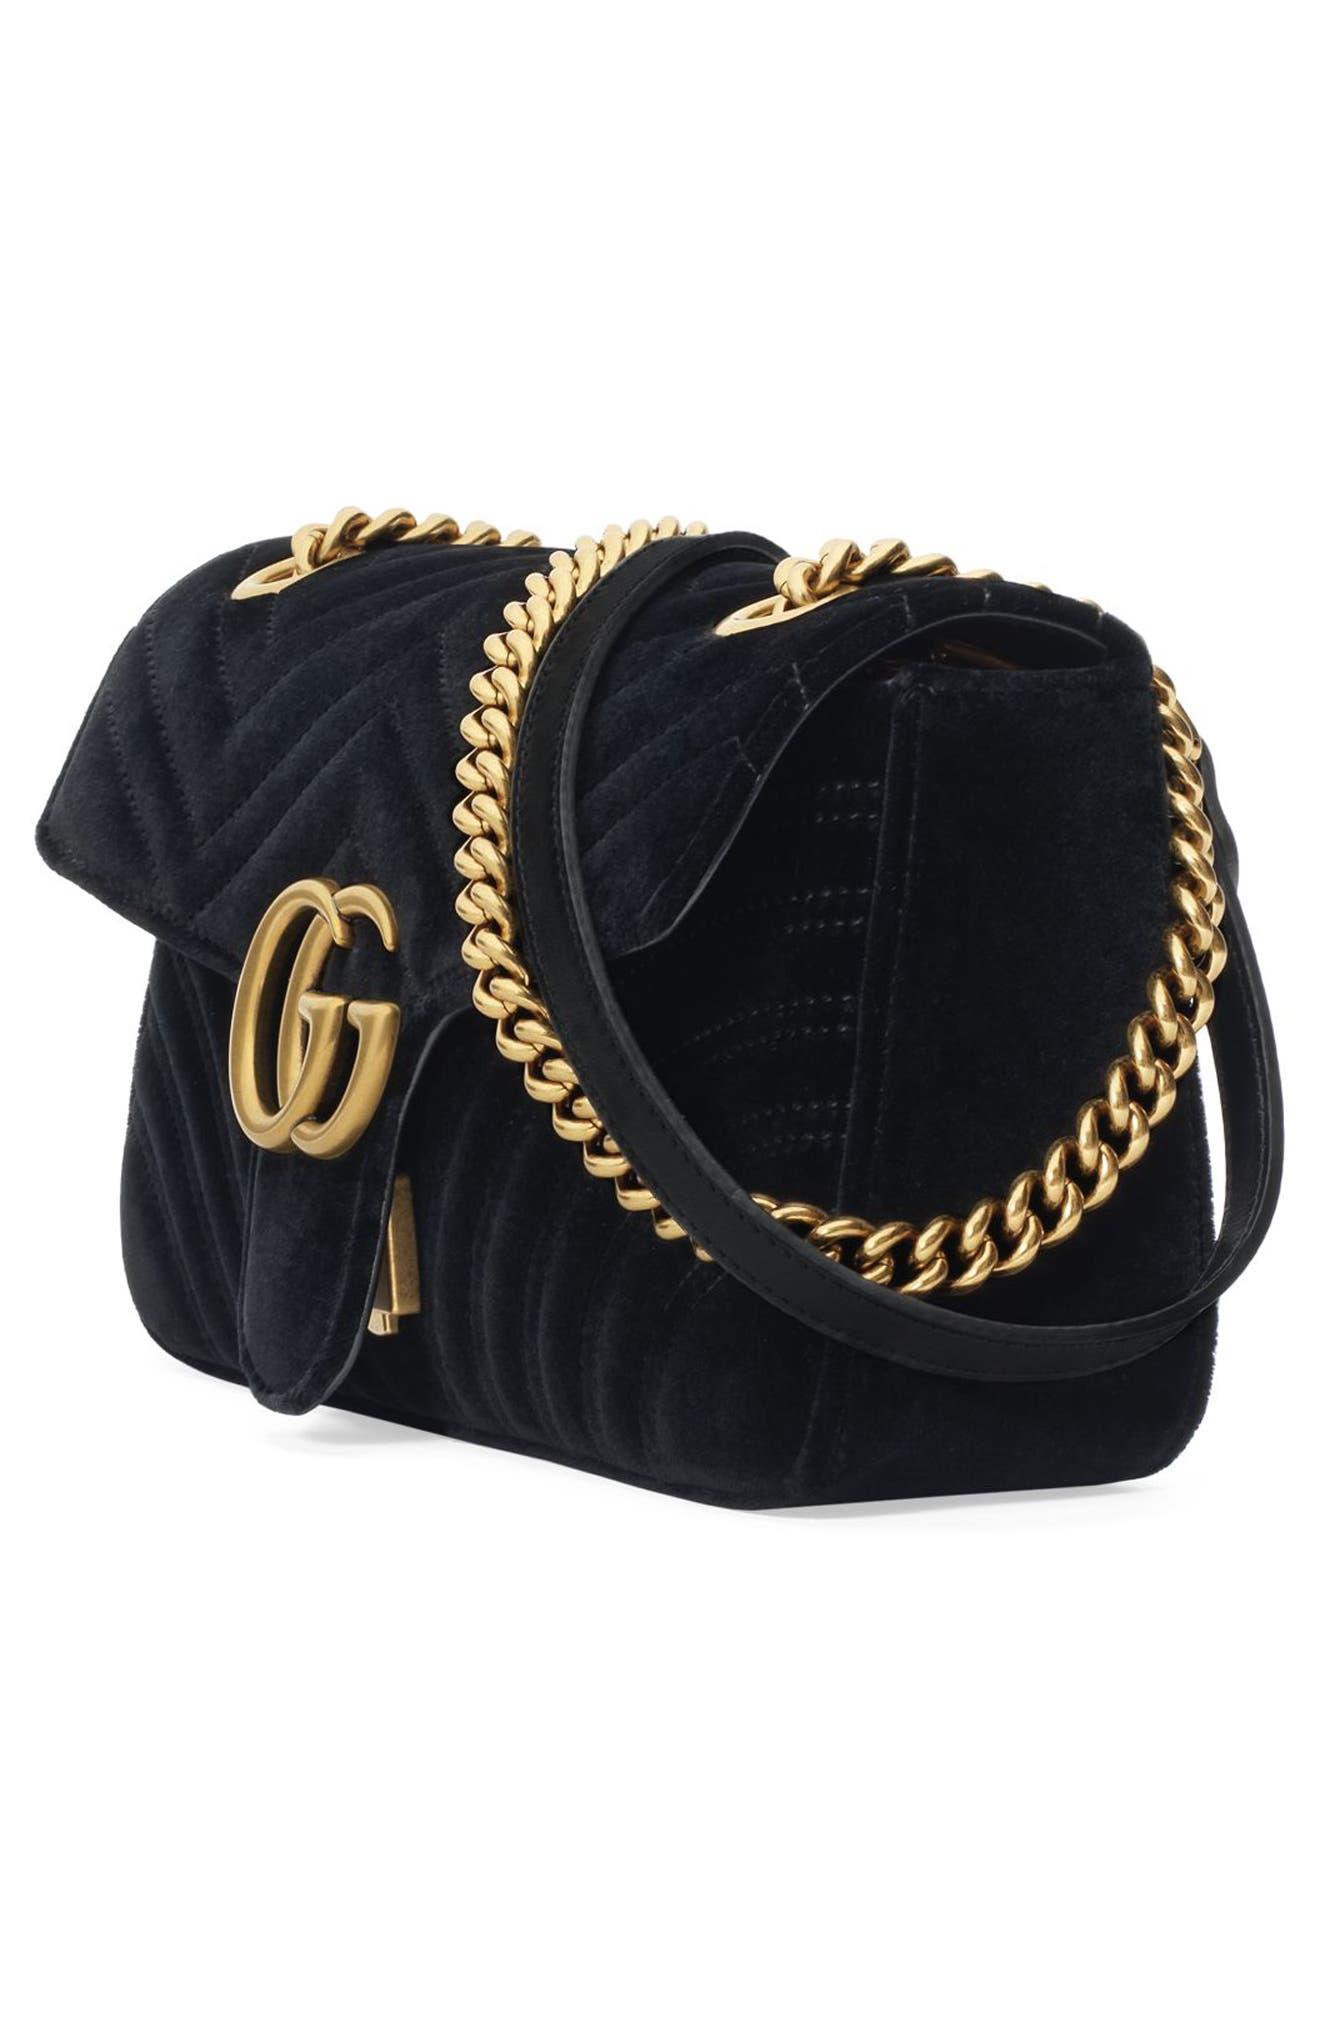 Medium GG Marmont 2.0 Matelassé Velvet Shoulder Bag,                             Alternate thumbnail 4, color,                             NERO